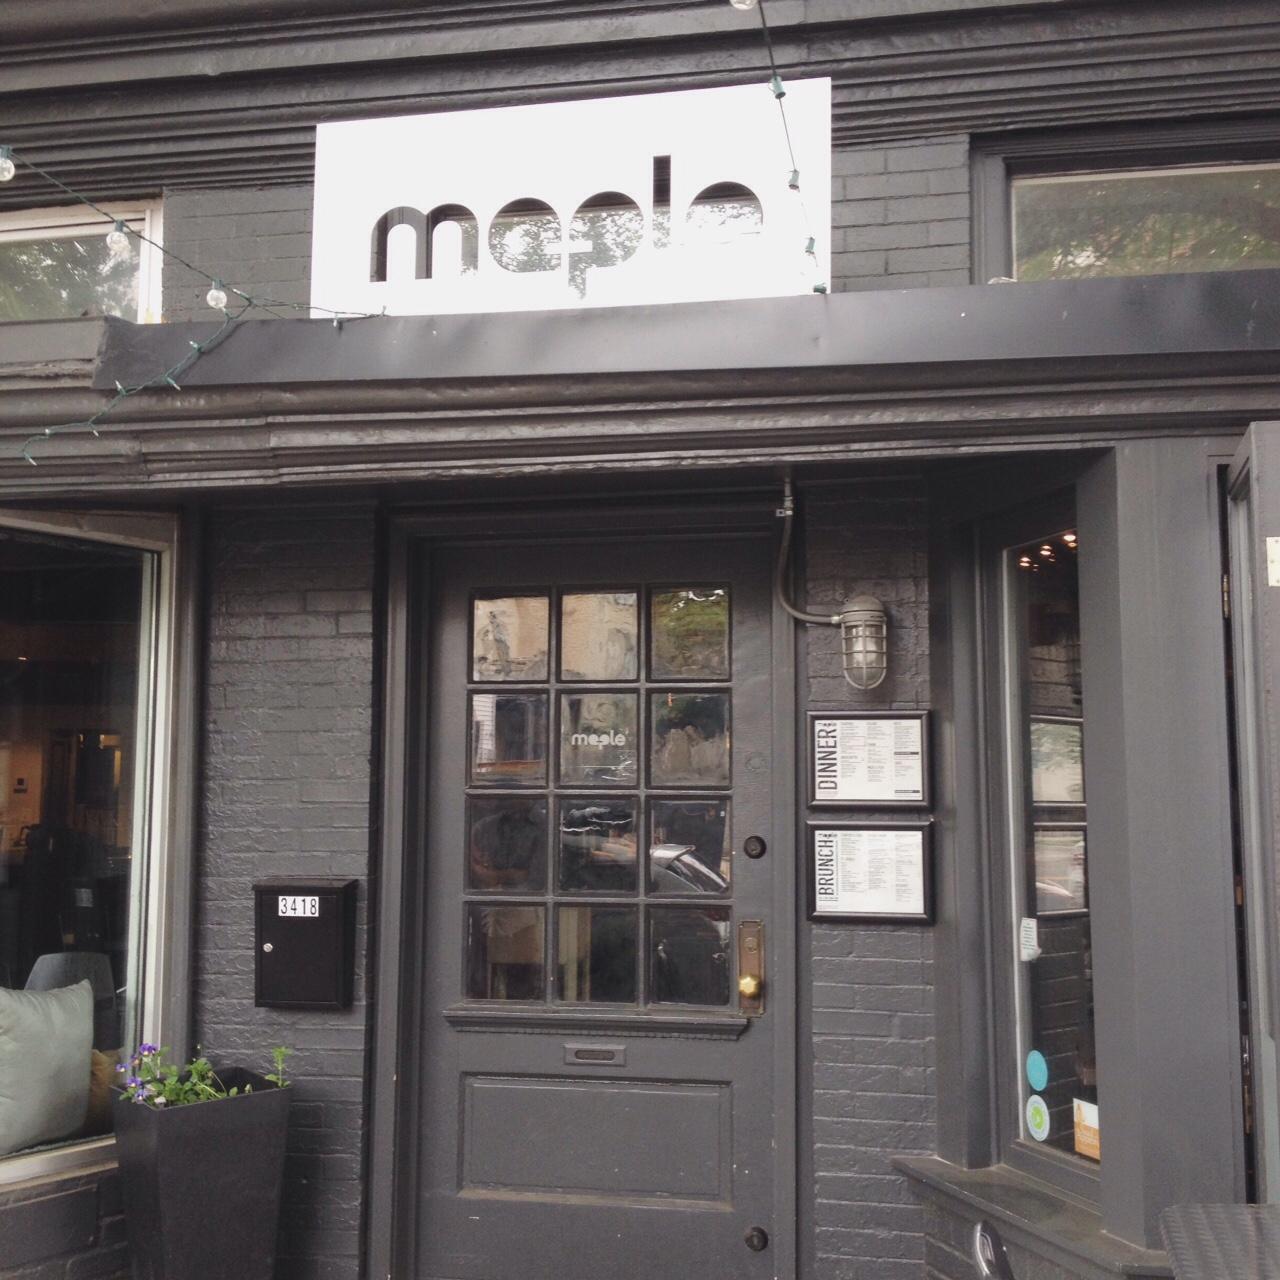 Maple, Washington DC